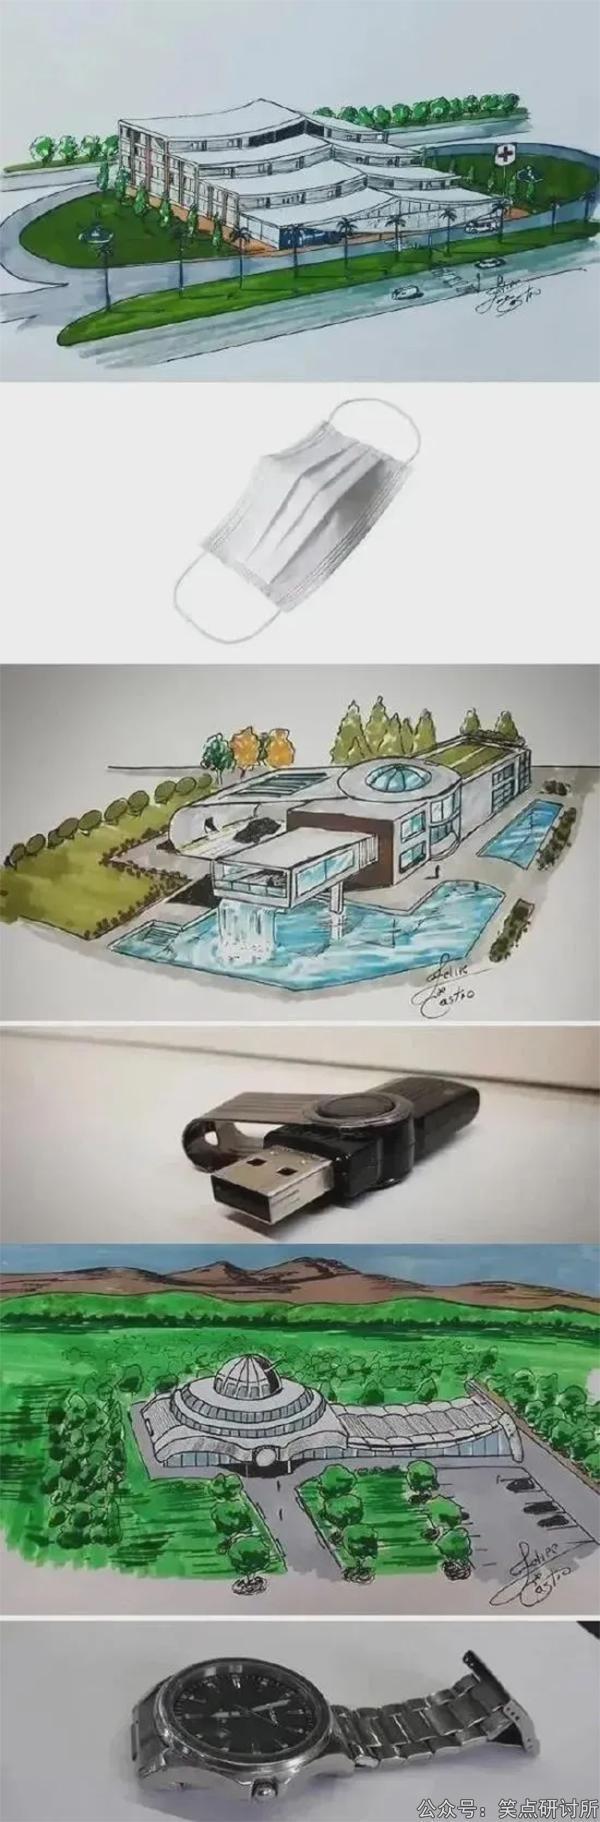 原来设计师的灵感都是这么来的